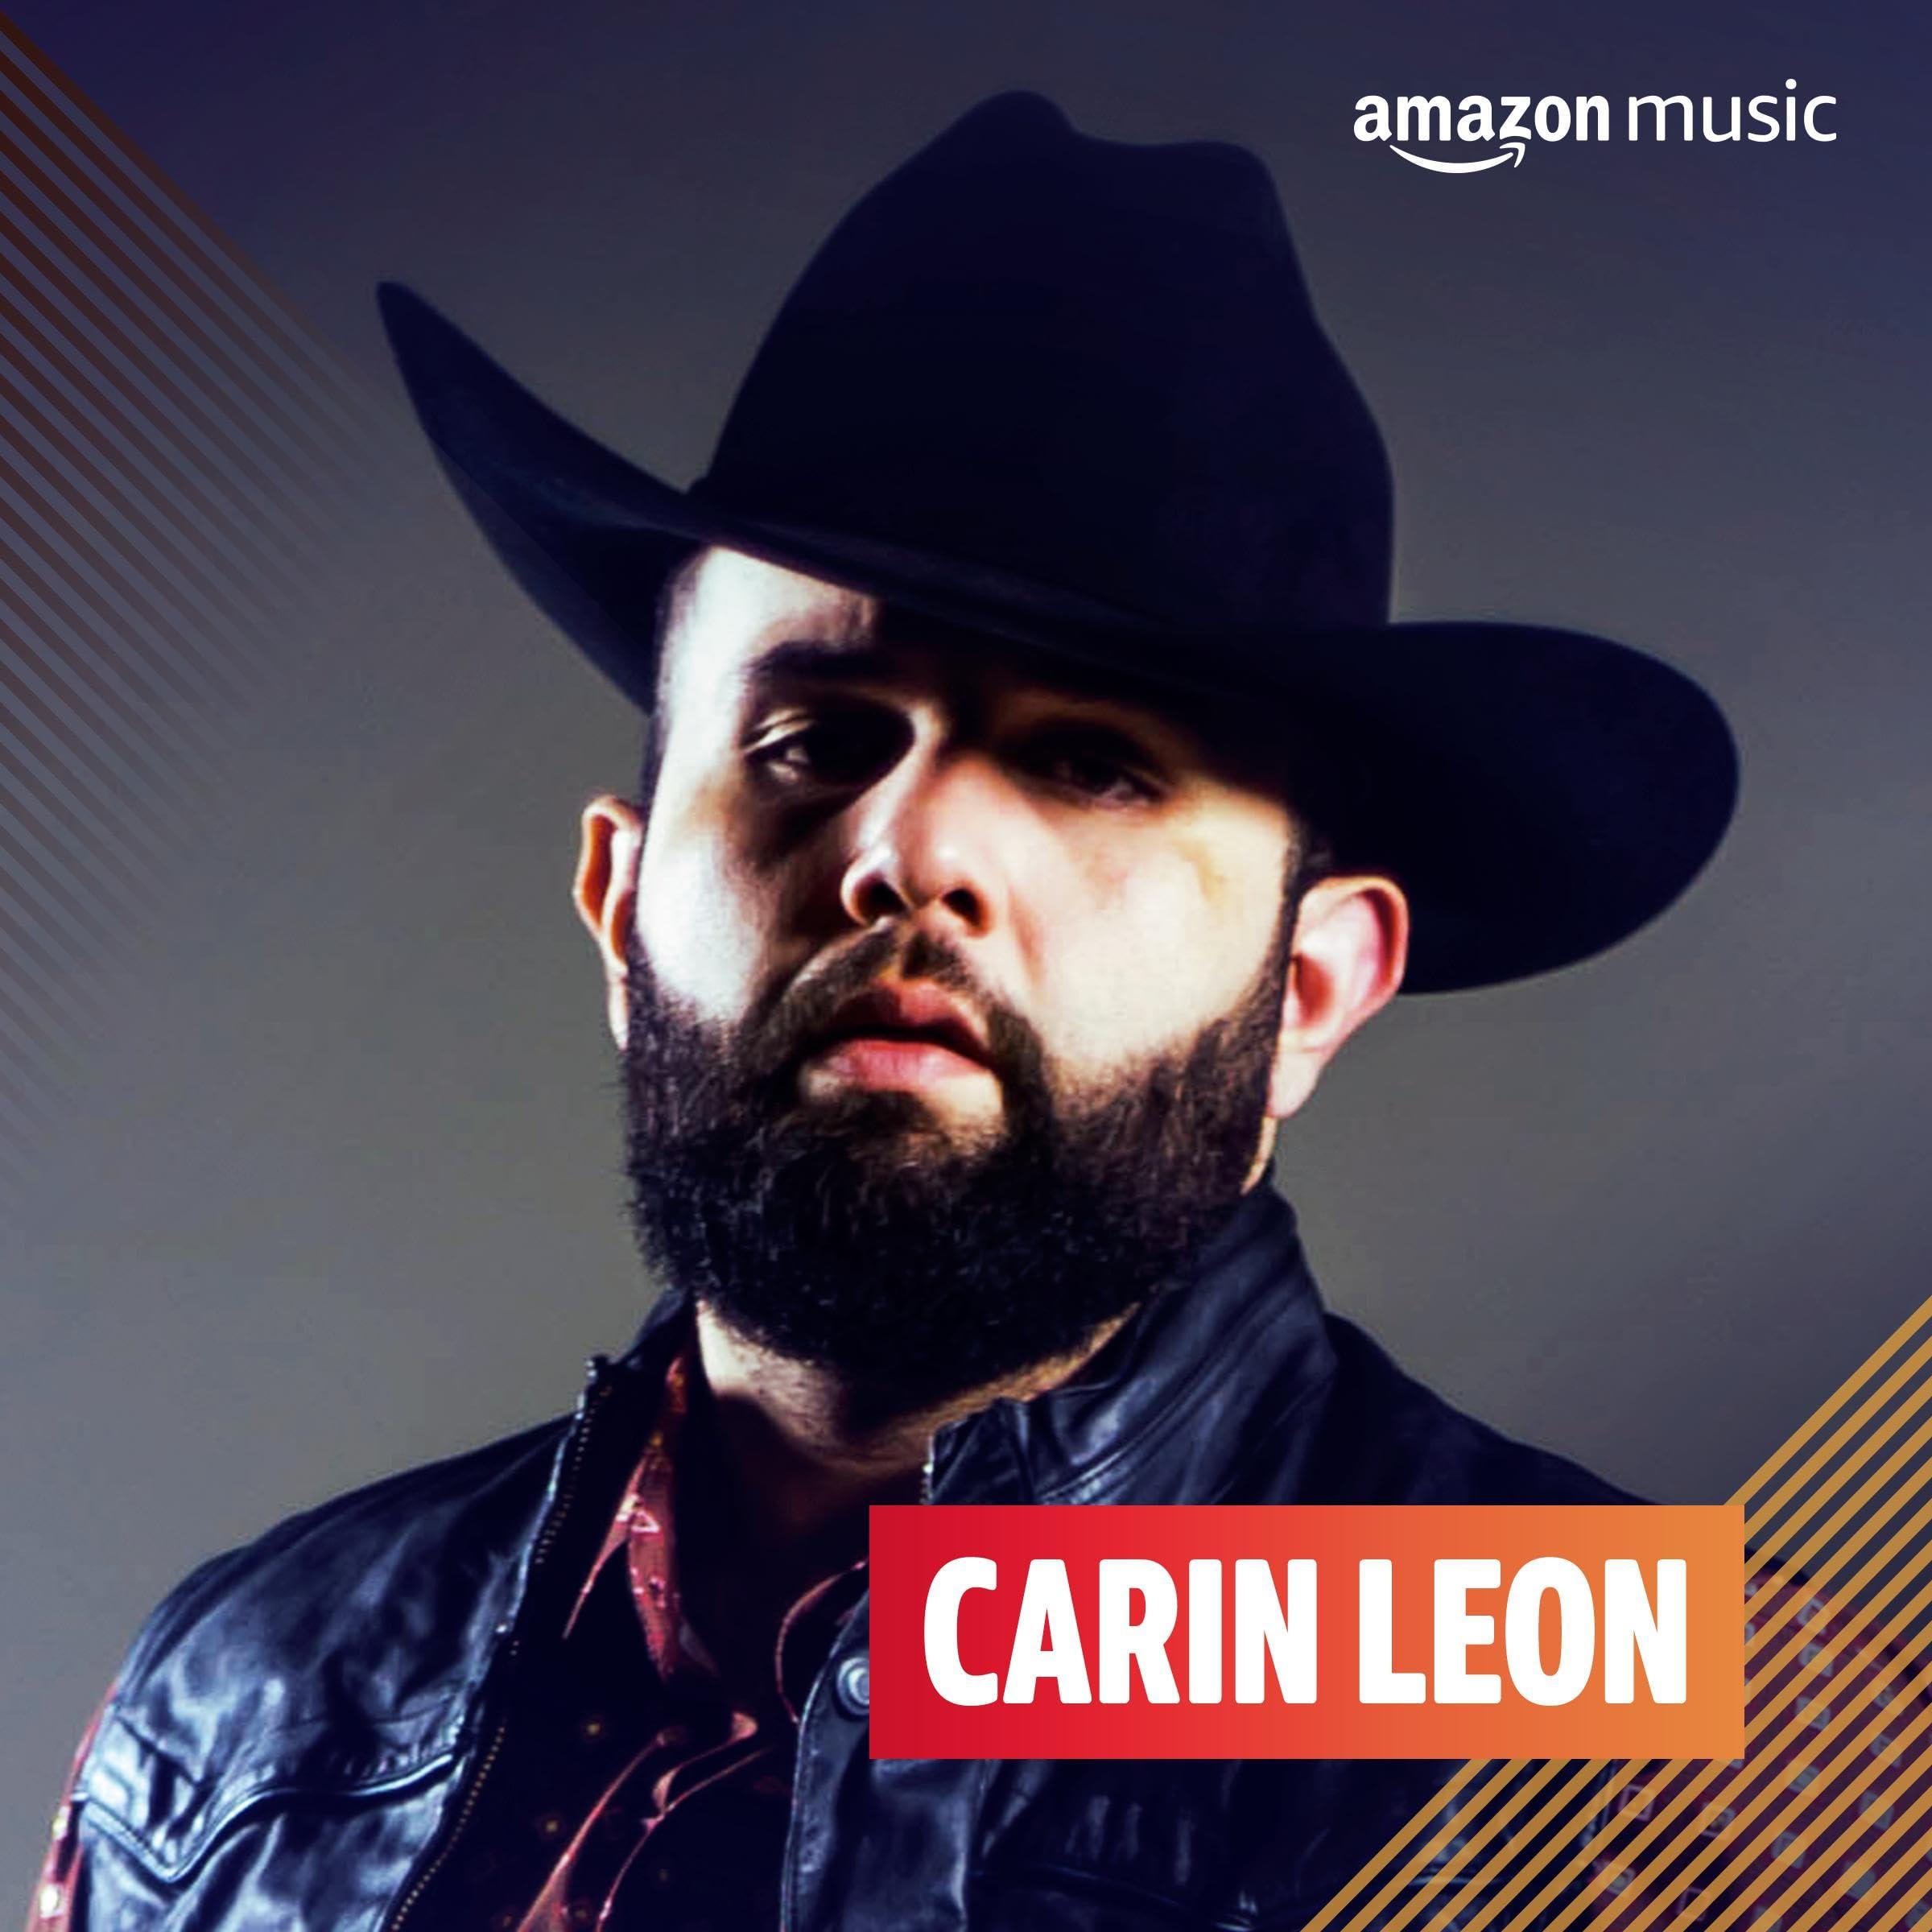 Carin Leon